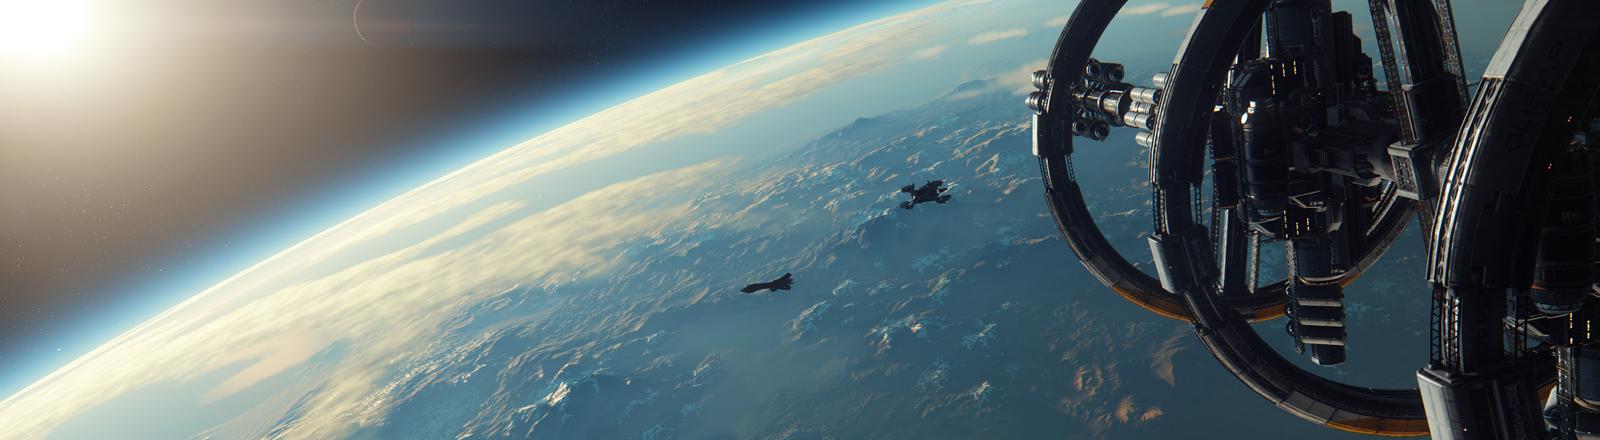 Screenshot aus dem Computerspiel Star Citizen